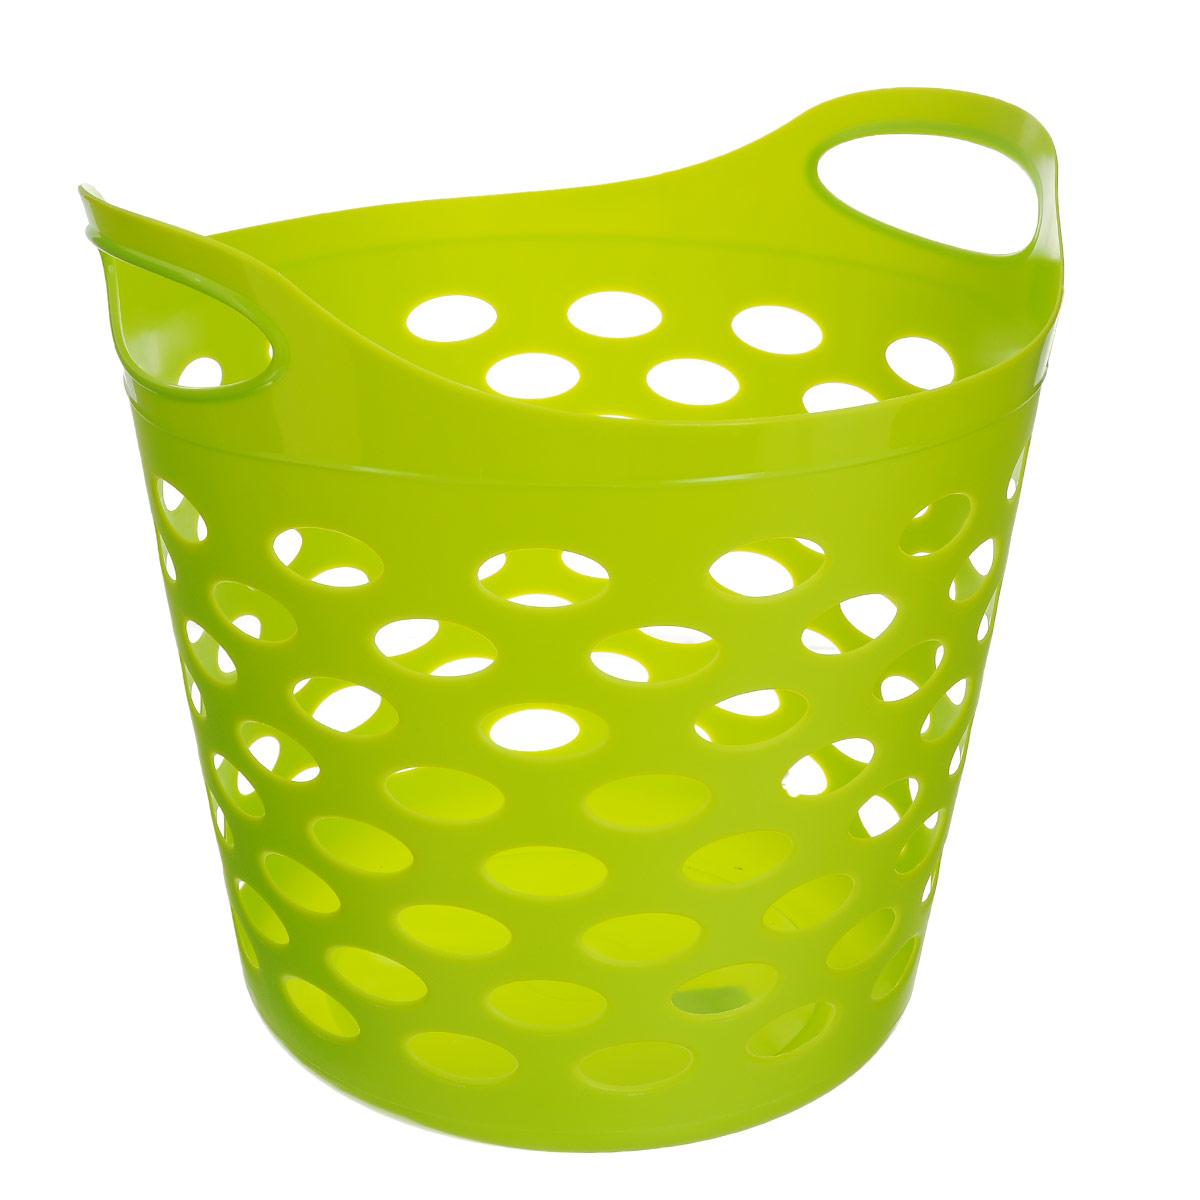 Корзина универсальная Gensini, цвет: салатовый. 33103310_салатовыйУниверсальная корзина Gensini отлично подойдет для хранения белья перед стиркой, игрушек и других вещей. Она выполнена из высококачественного мягкого пластика и оснащена двумя удобными ручками для переноски. Современный дизайн корзины позволит ей вписаться в любой интерьер, а благодаря своим компактным размерам она не займет много места. Диаметр корзины (без учета ручек): 37 см. Высота корзины (без учета ручек): 31 см. Высота корзины (с учетом ручек): 38 см.